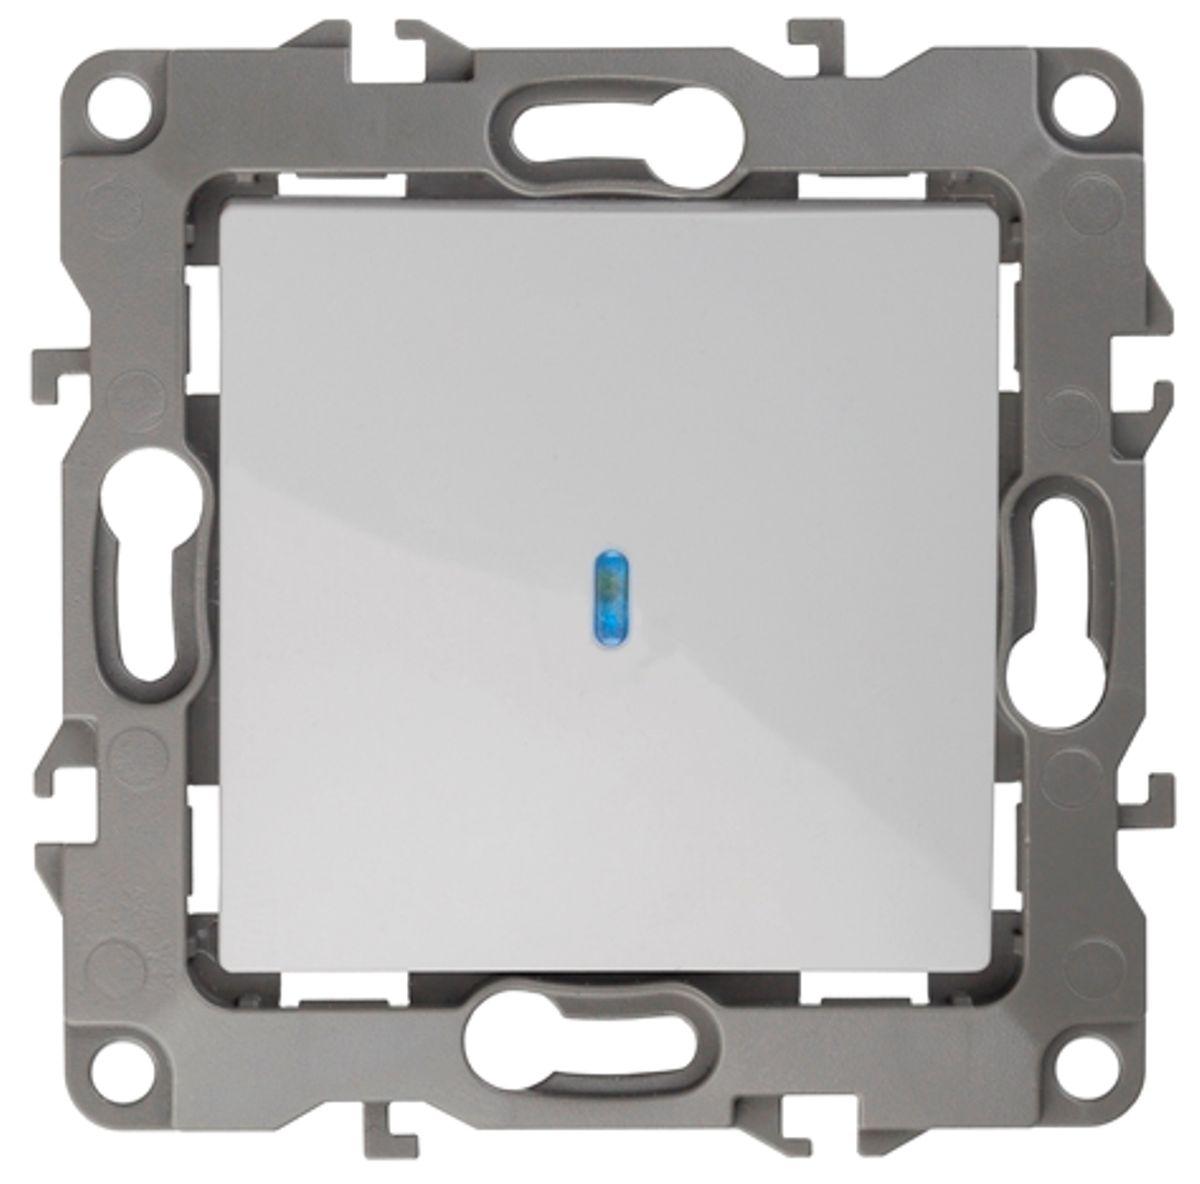 Выключатель ЭРА, с подсветкой, цвет: белый, серый. 12-110212-1102-01Выключатель ЭРА выполнен из прочного пластика, контакты бронзовые. Световой индикатор на клавише поможет вам разглядеть выключатель даже в темноте. Изделие просто в установке, надежно в эксплуатации. Выключатель имеет специальные фиксаторы, которые не дают ему смещаться как при монтаже, так и в процессе эксплуатации. Автоматические зажимы кабеля обеспечивают быстрый и надежный монтаж изделия к электросети без отвертки и не требуют обслуживания в отличие от винтовых зажимов.